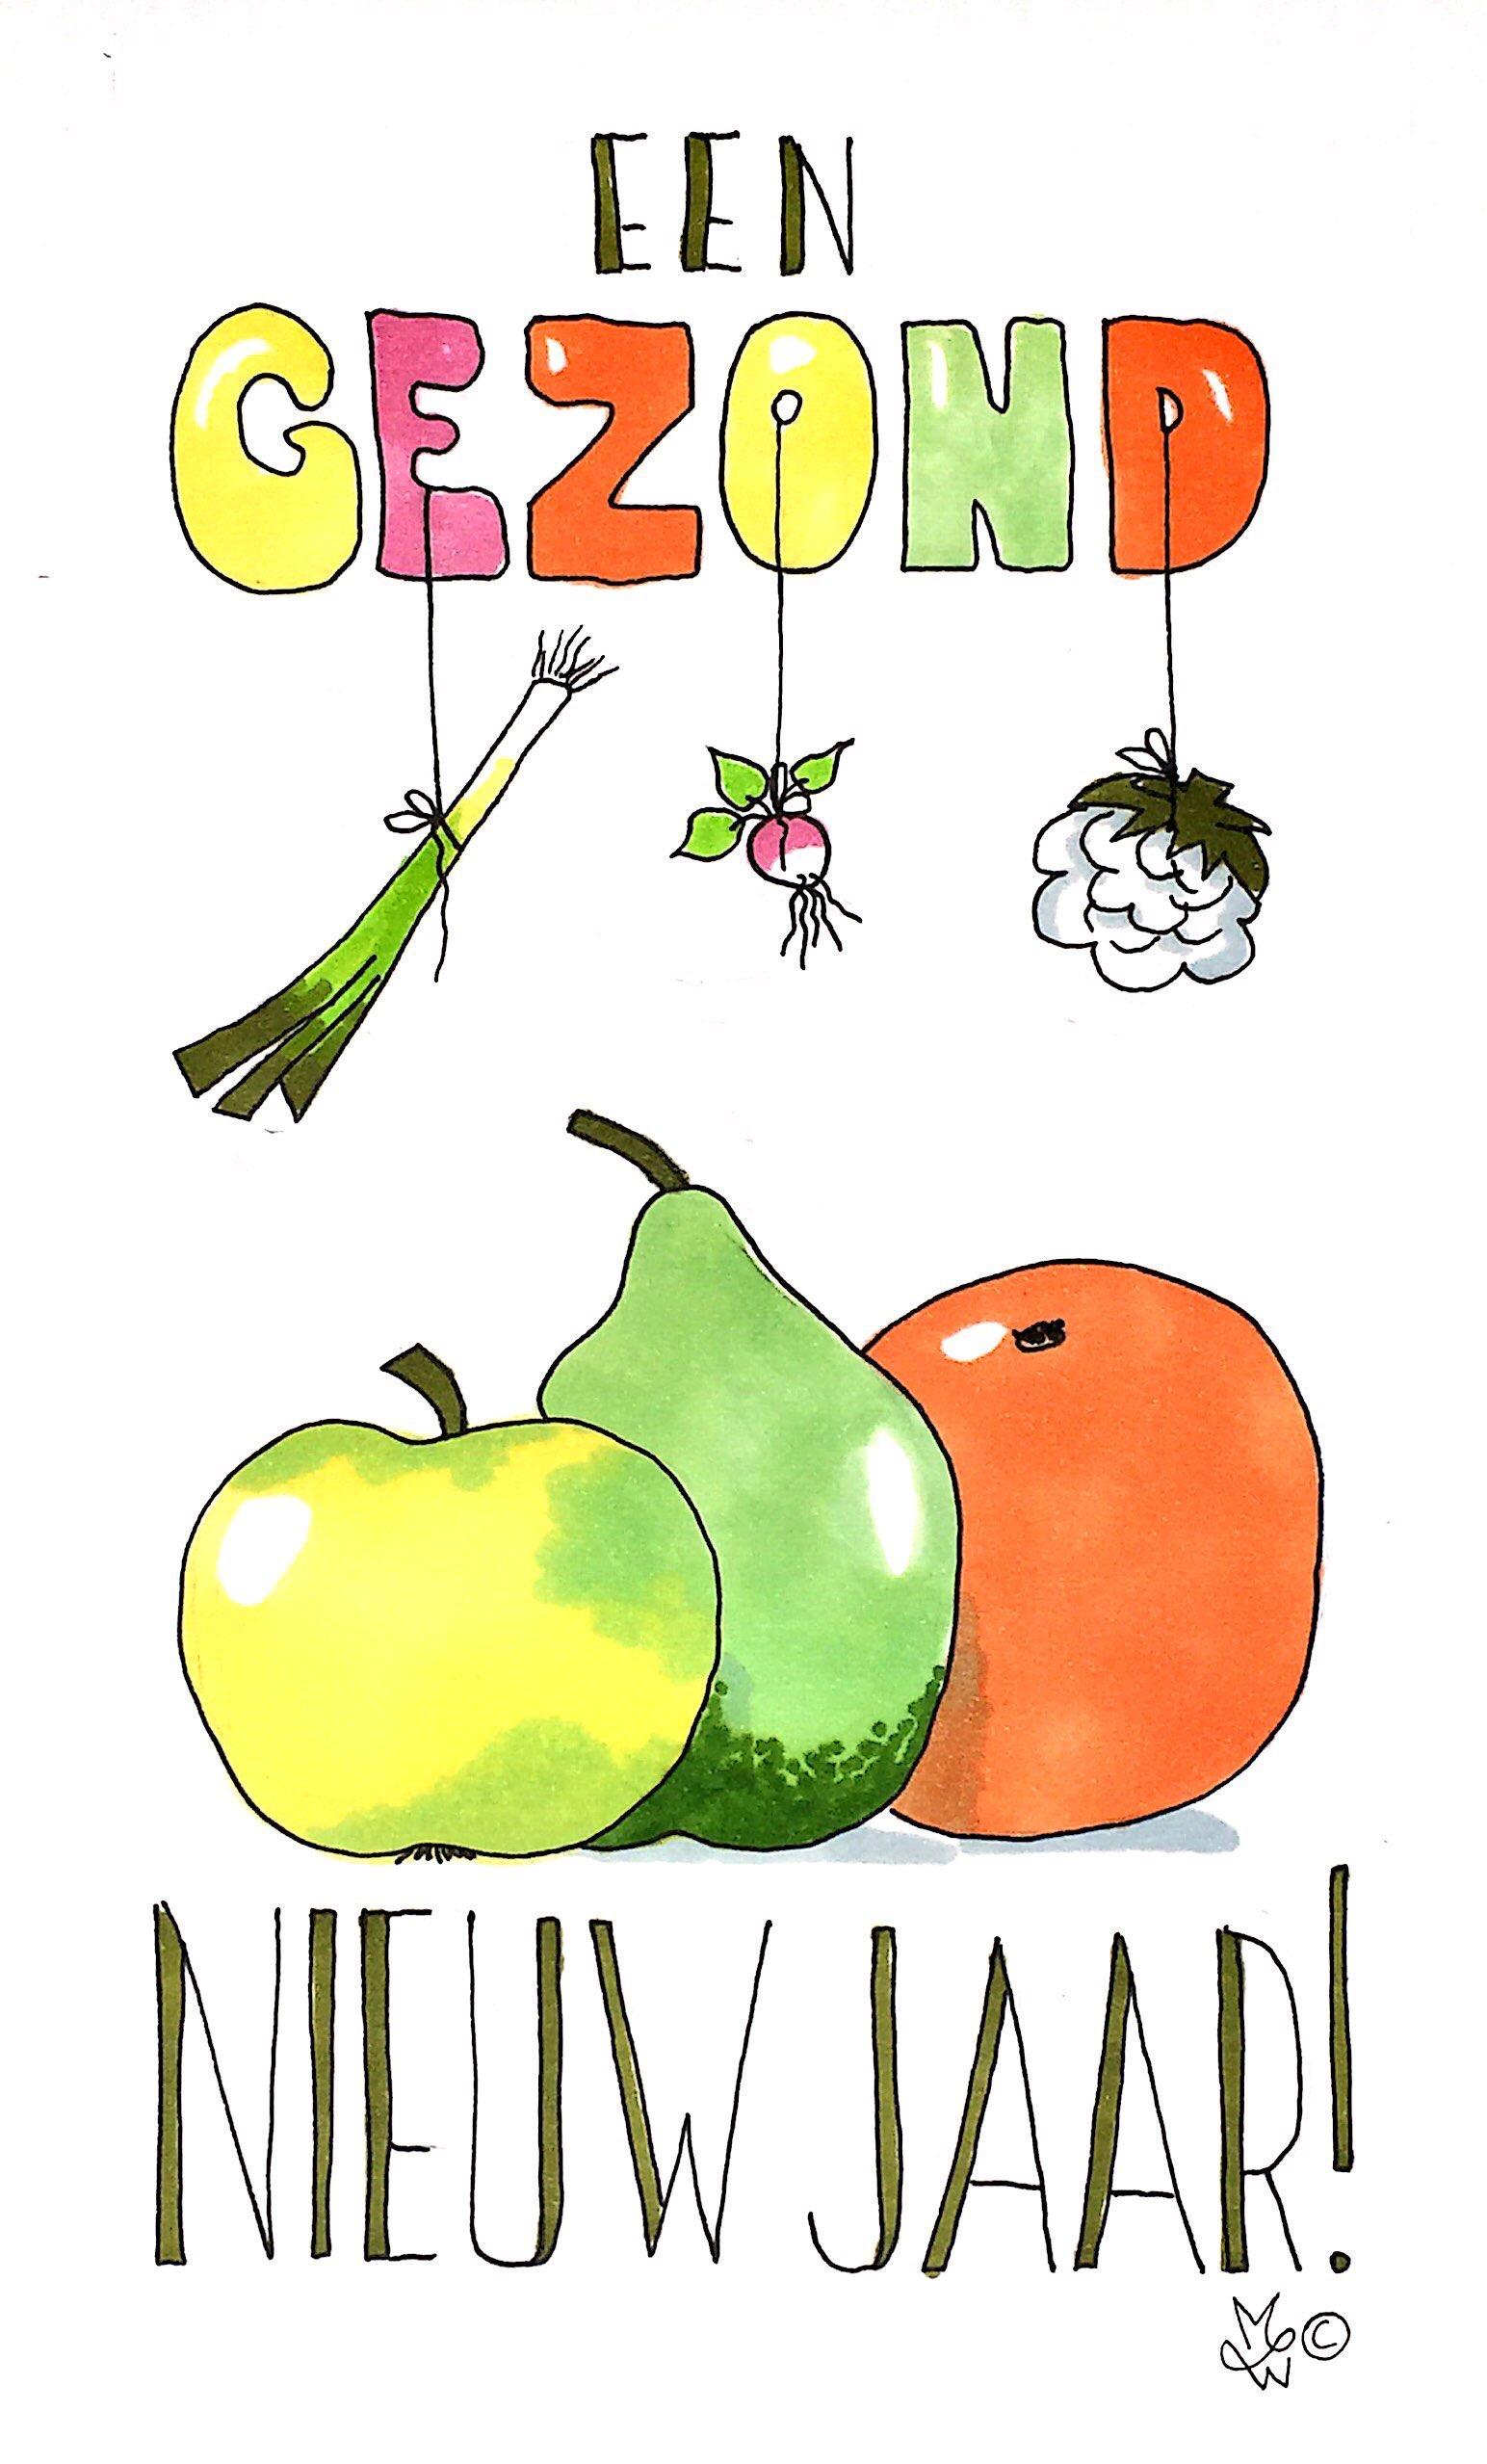 Nieuwjaarskaart groente en fruit.